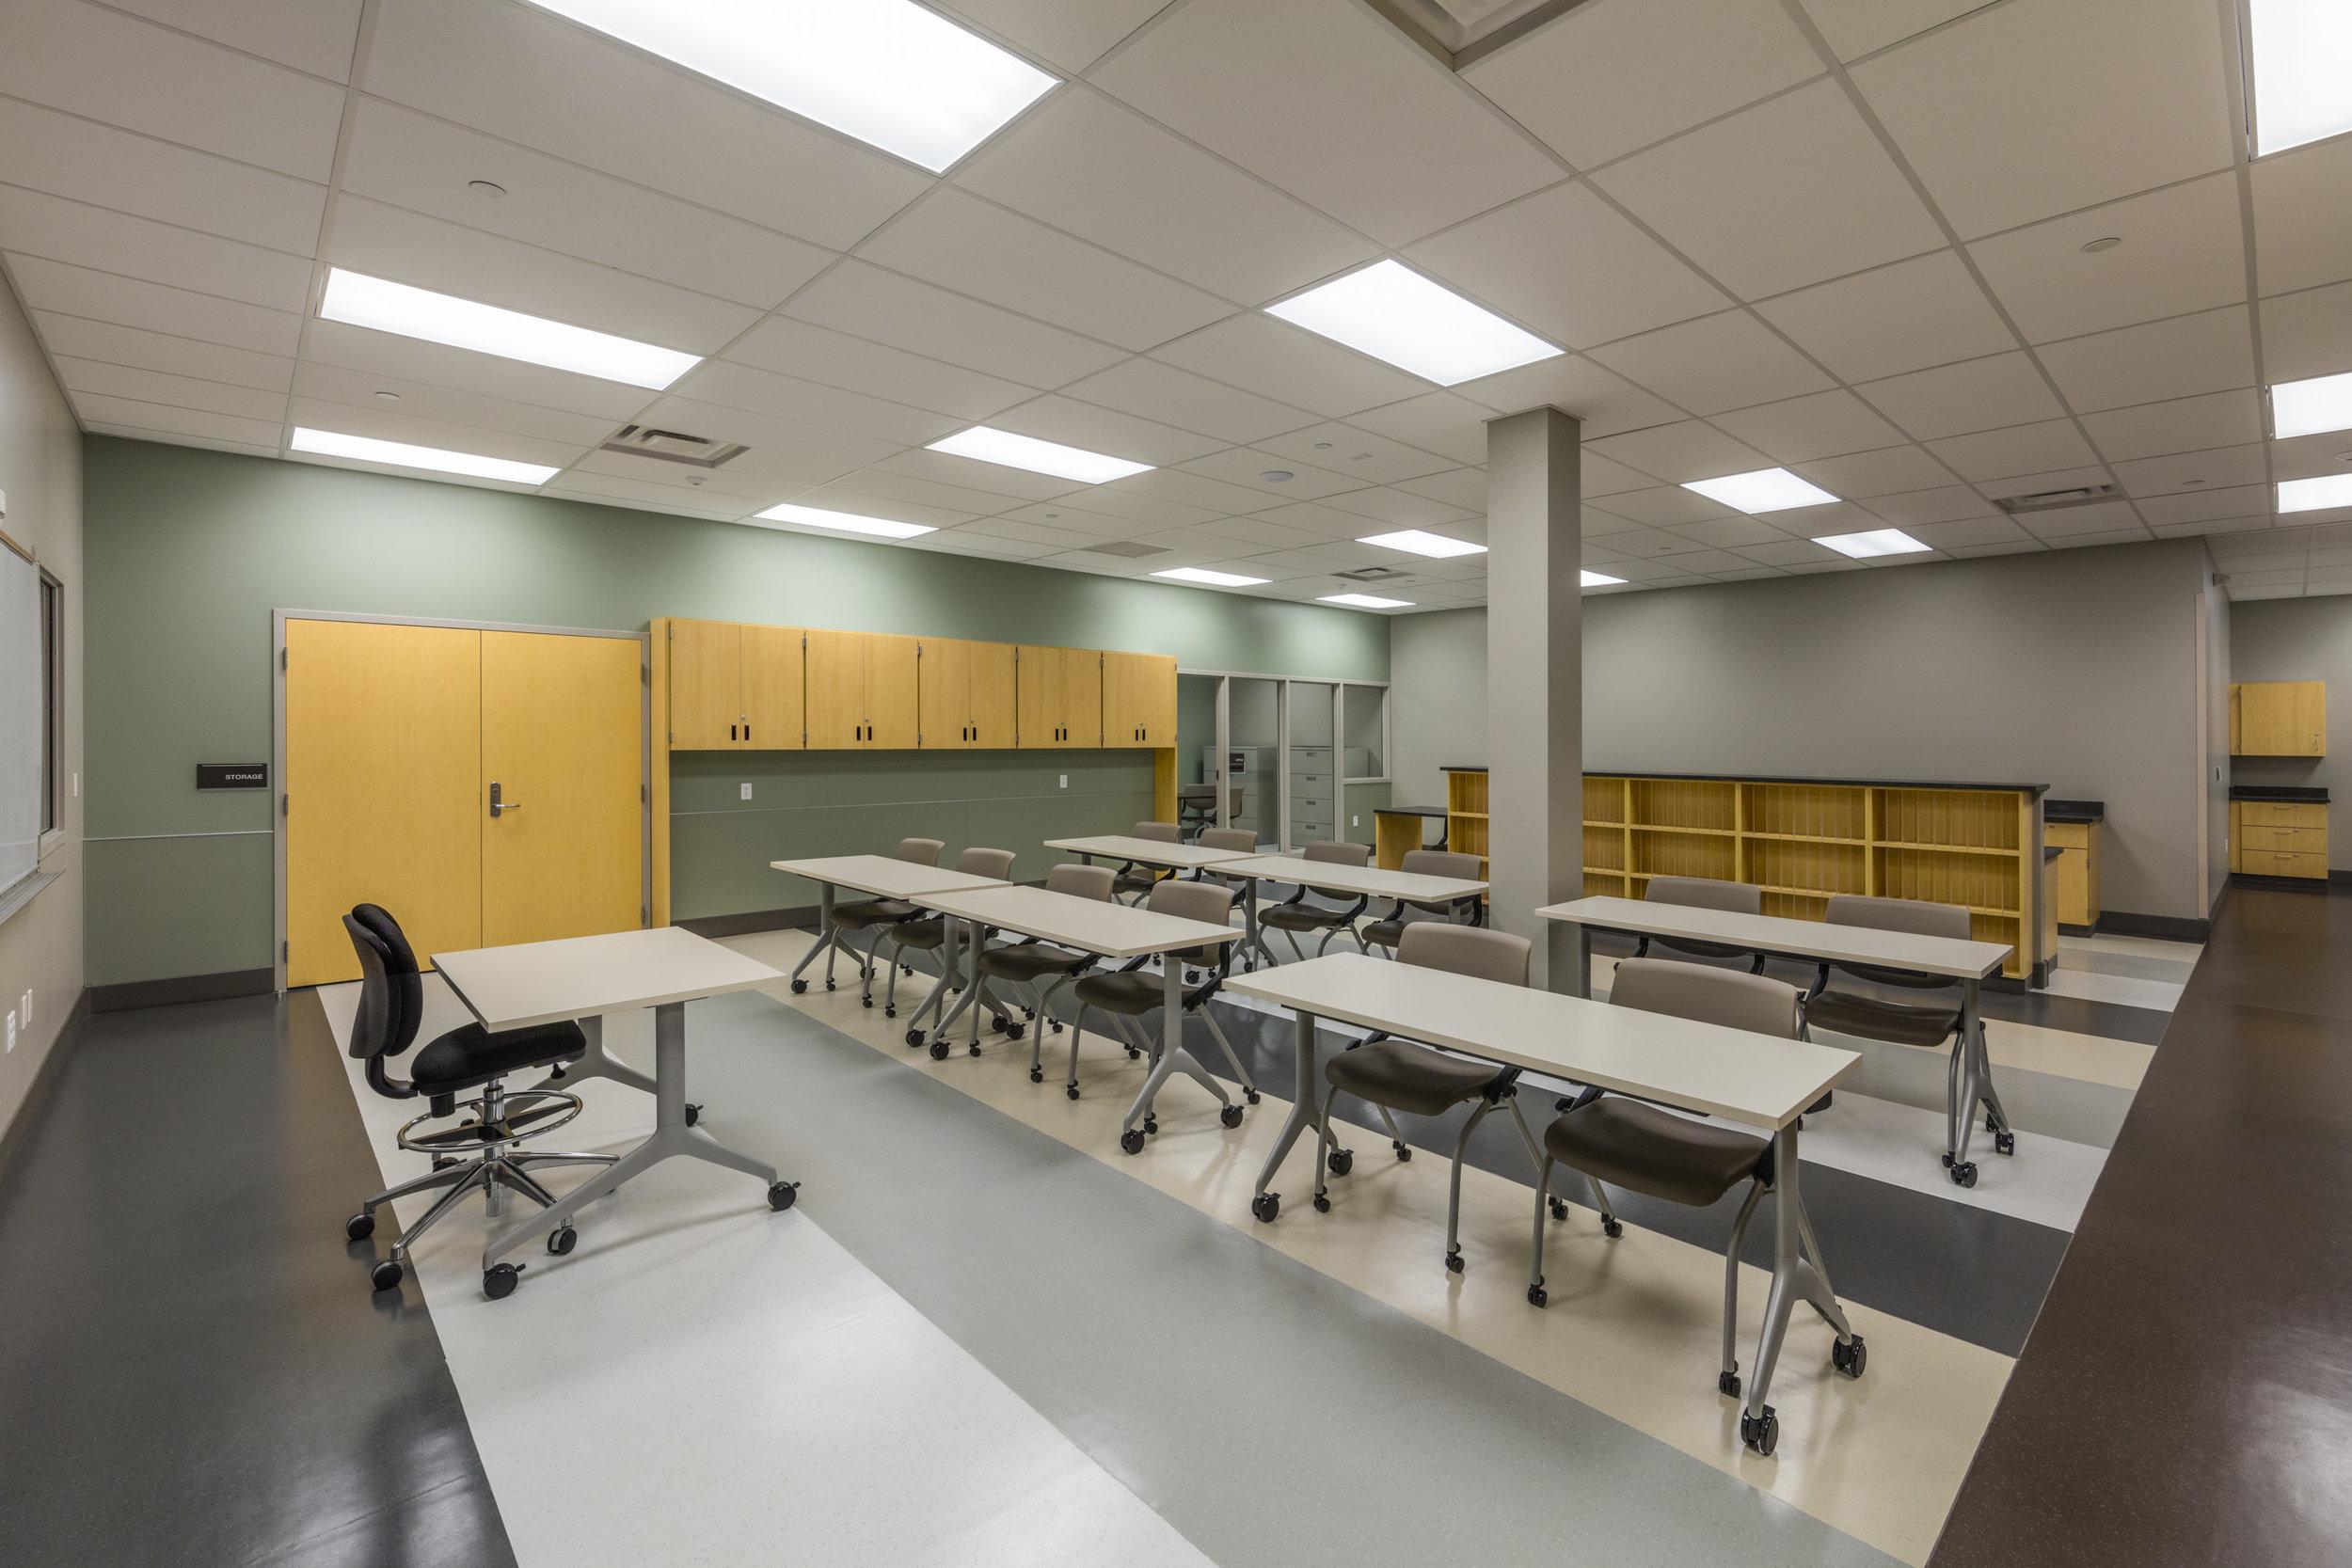 FLC Interior Medical Classroom.jpg